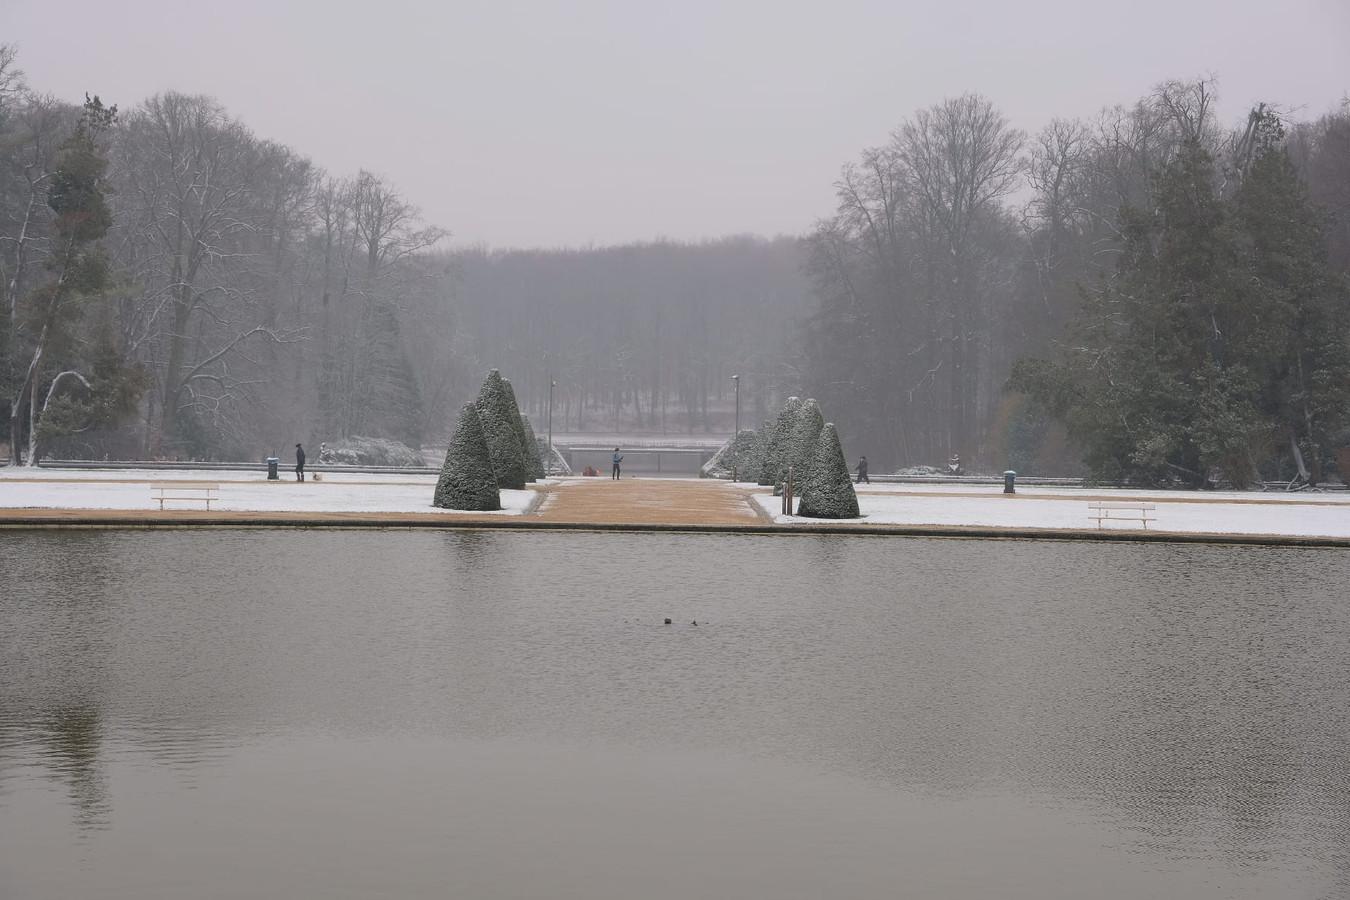 De lichte laag sneeuw levert mooie beelden op.